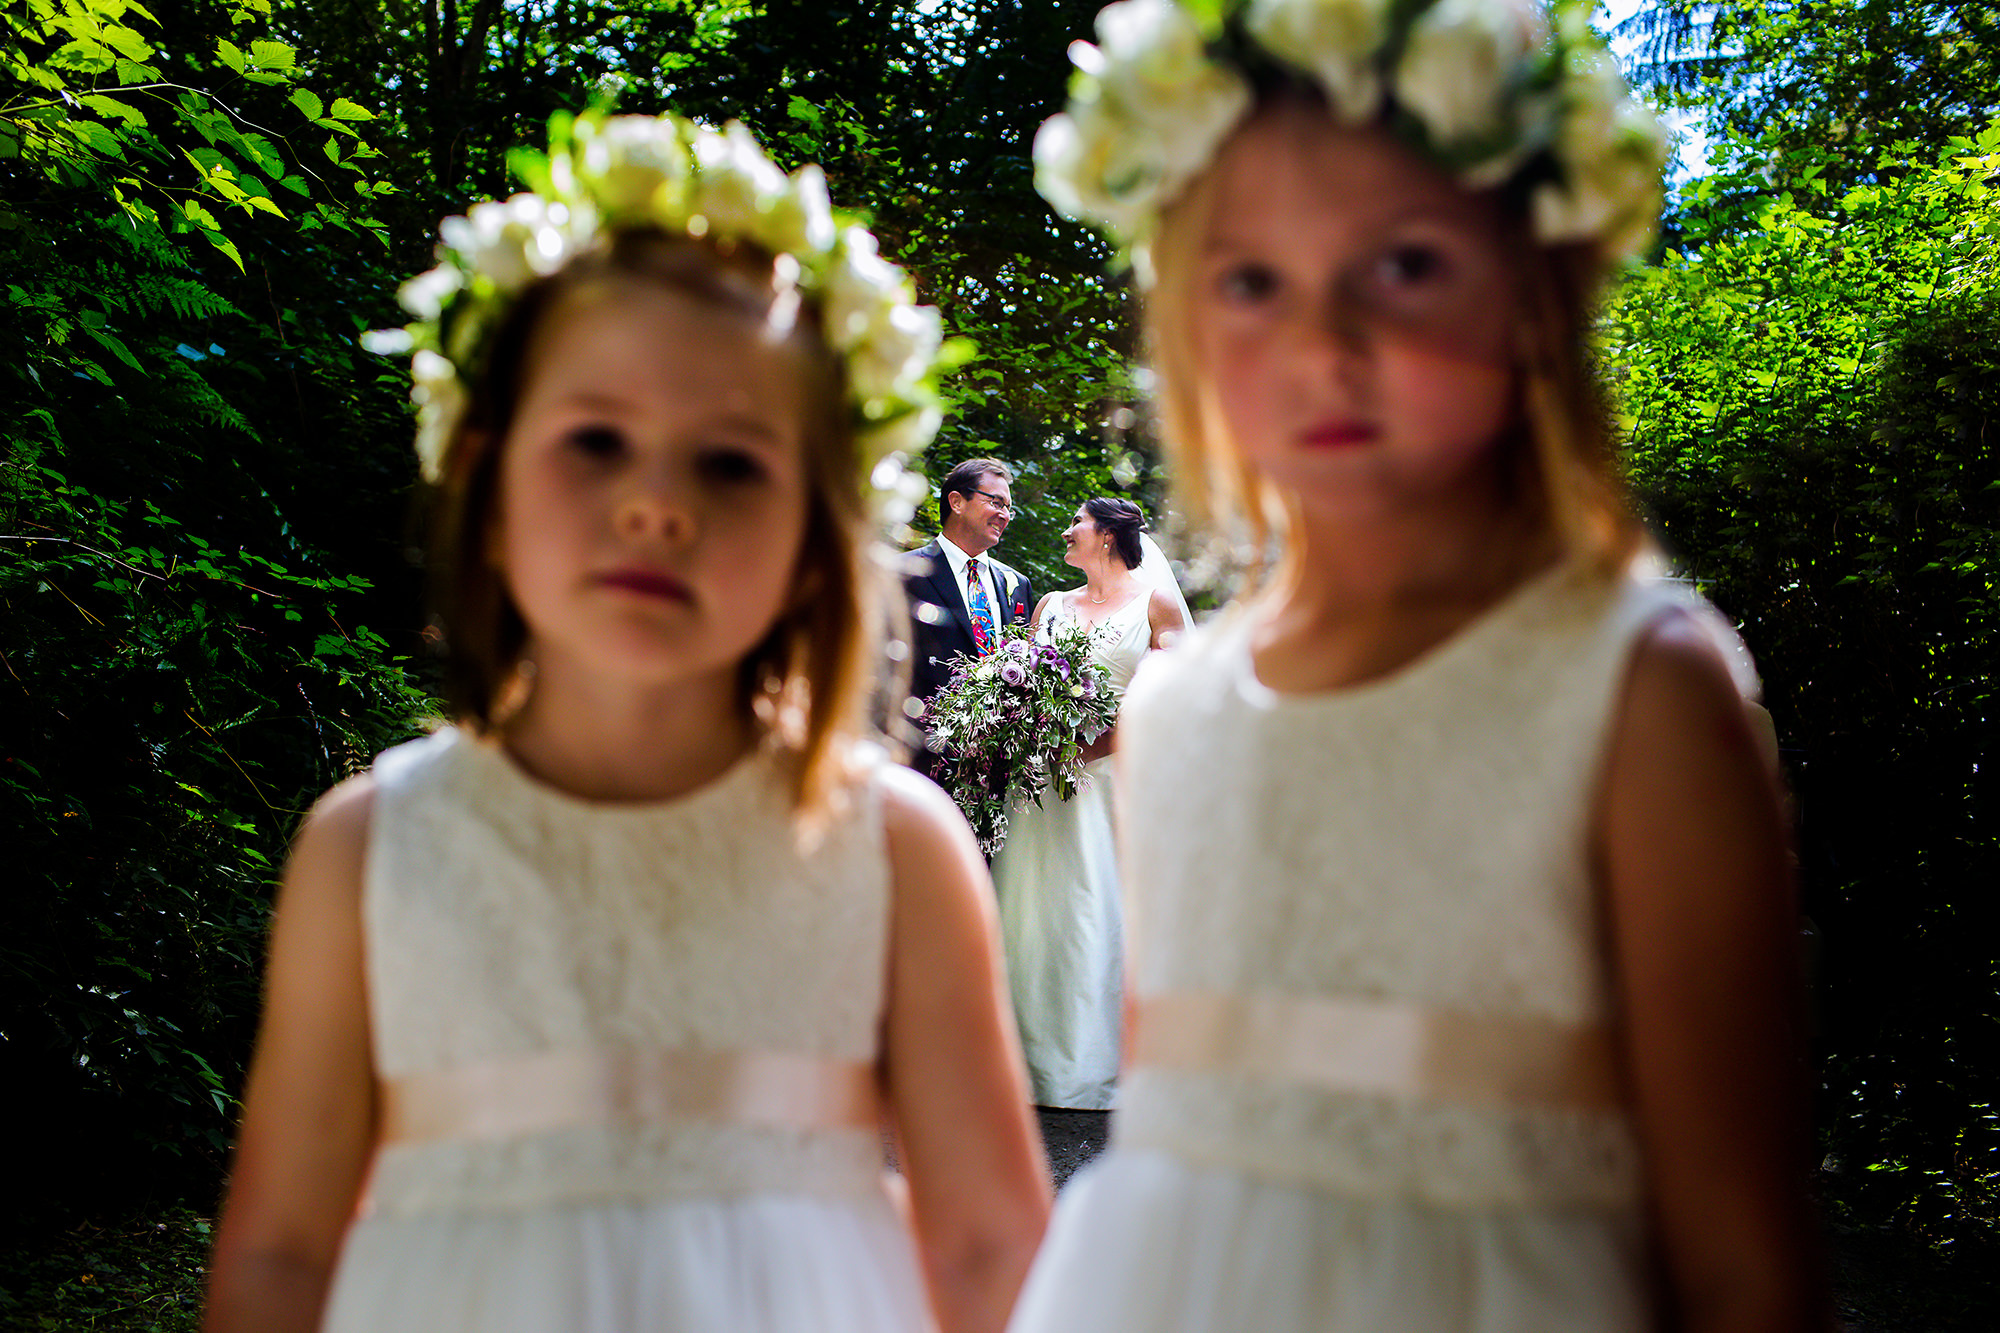 Islandwood_Retreat_Bambridge_Island_Washington_Wedding_049